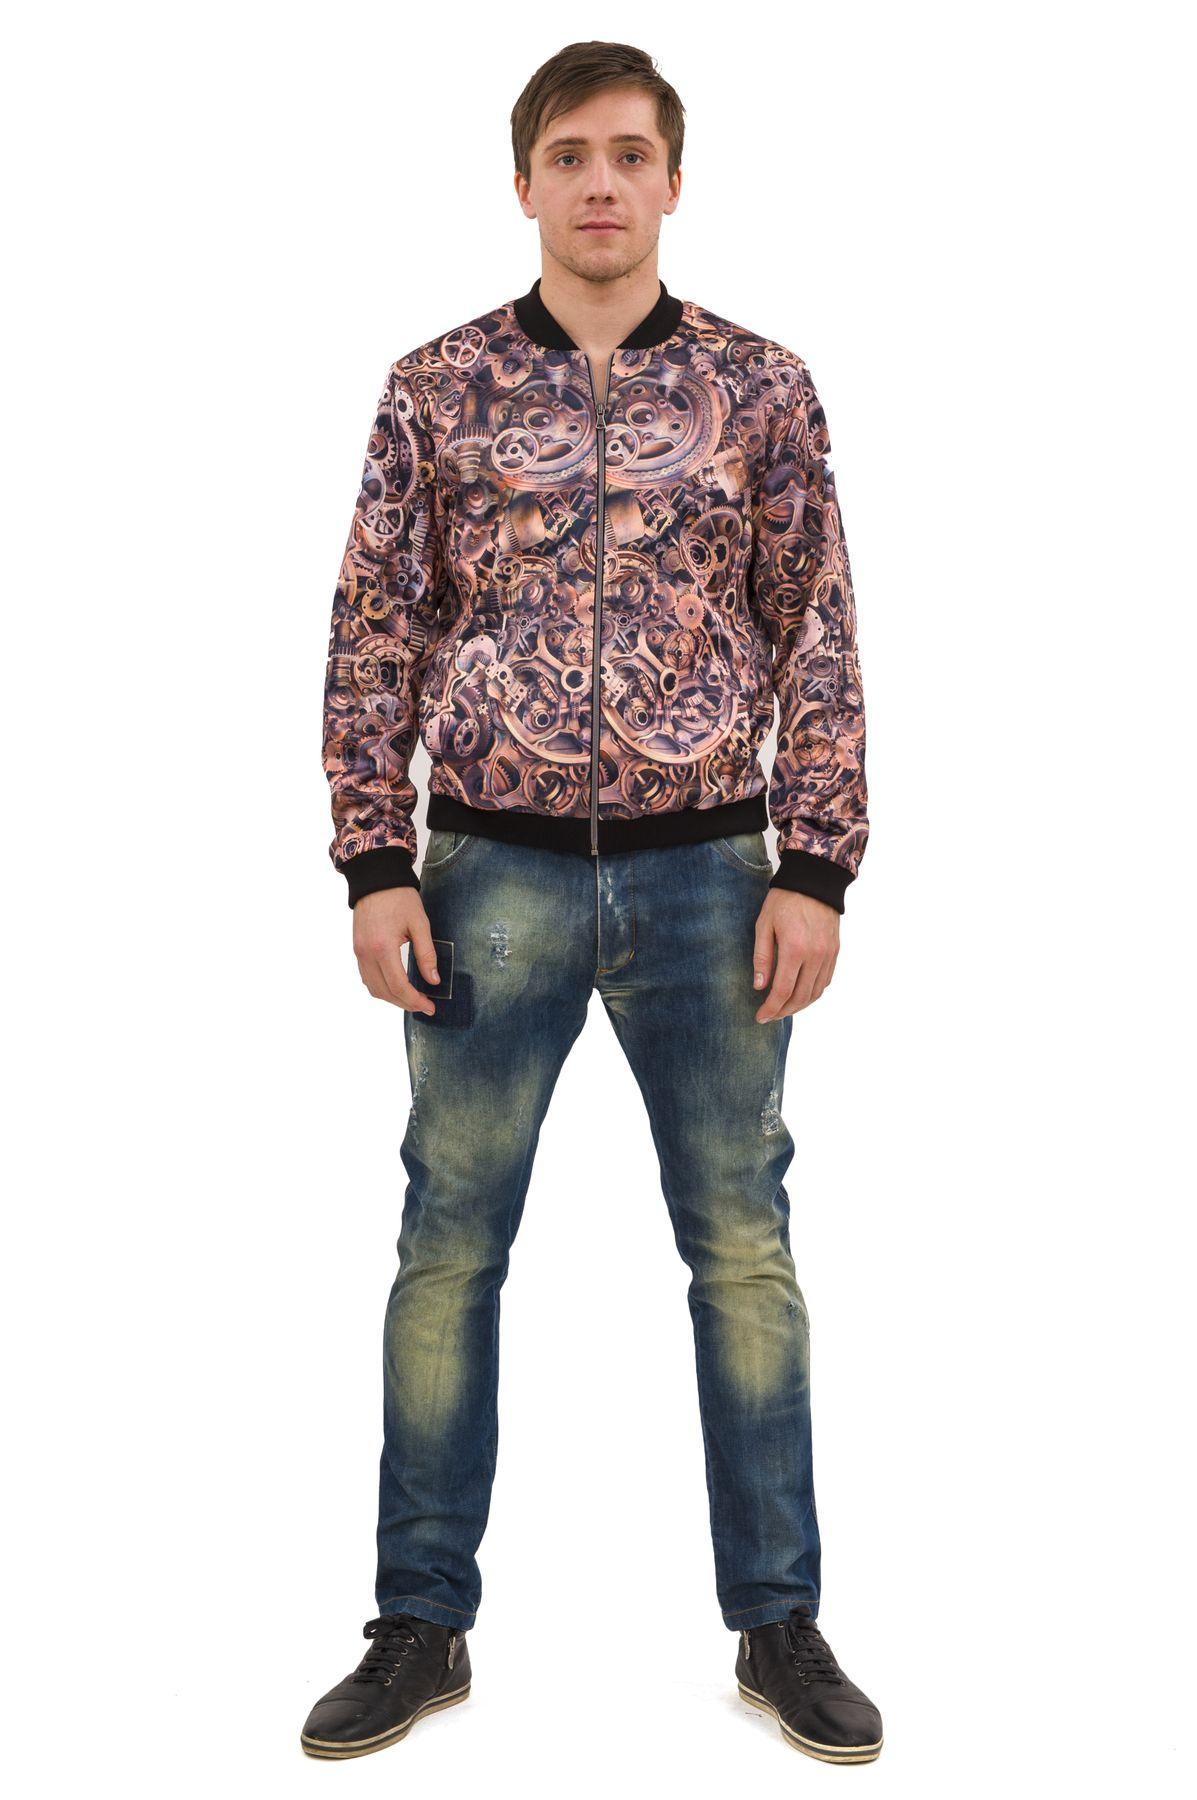 КурткаКуртки, пальто, ветровки<br>Стильный образ Вам поможет создать великолепная трикотажная куртка с длинными рукавами в актуальной яркой расцветке. Модель станет незаменимой вещью в мужском гардеробе.  Отличный вариант на каждый день. Коллекция Пуходелические сны осень-зима 2014/2014<br><br>Цвет: медный<br>Состав: 50%хлопок, 30%полиэстер, 17%вискоза, 3%эластан<br>Размер: 44,46,48,50,54,56,58,60<br>Страна дизайна: Россия<br>Страна производства: Россия